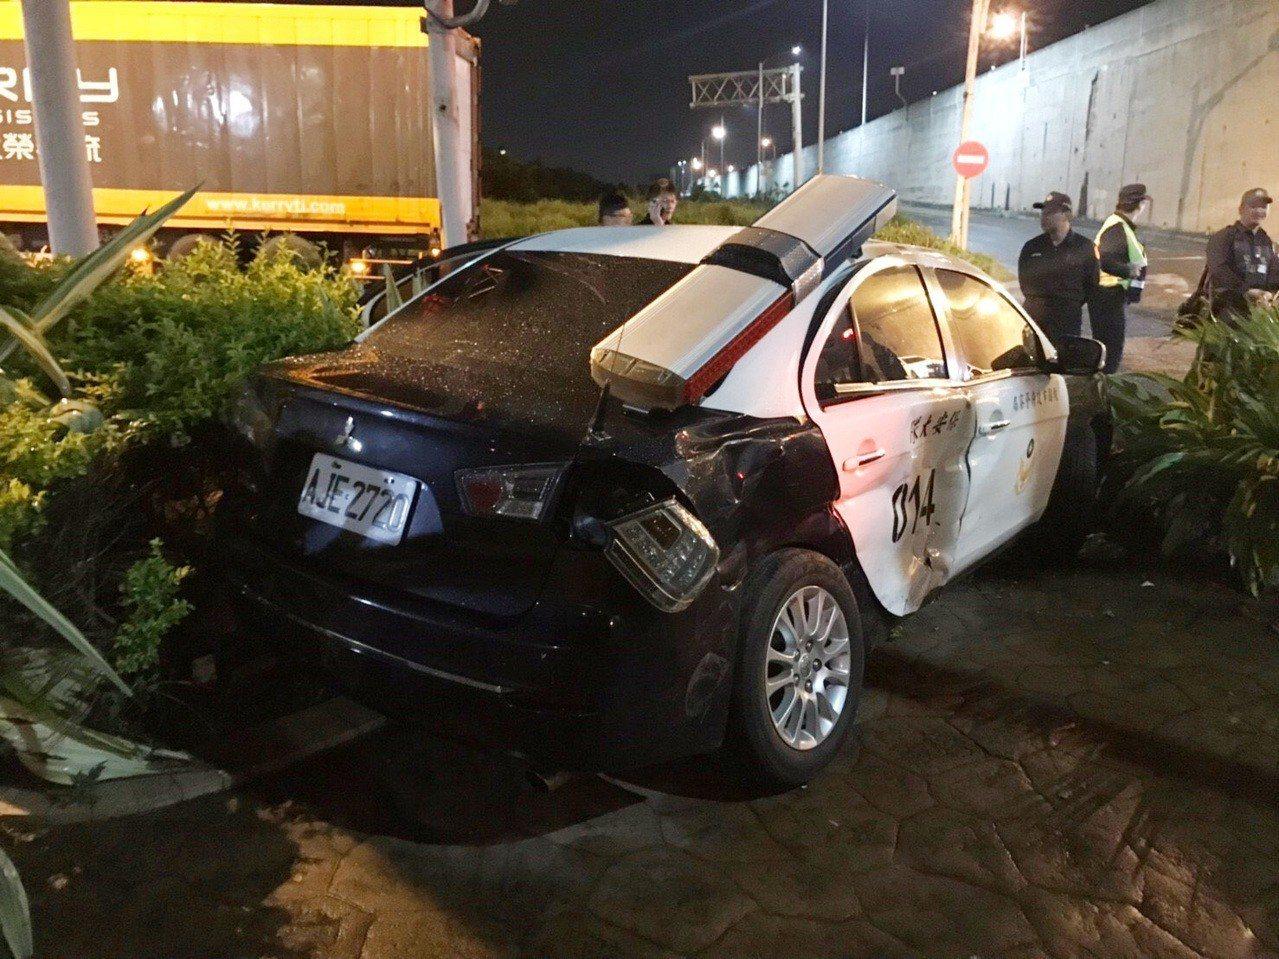 桃園市警局保安警察大隊警車疑因看錯號誌,與大貨車發生車禍撞擊,造成3警輕傷,大貨...